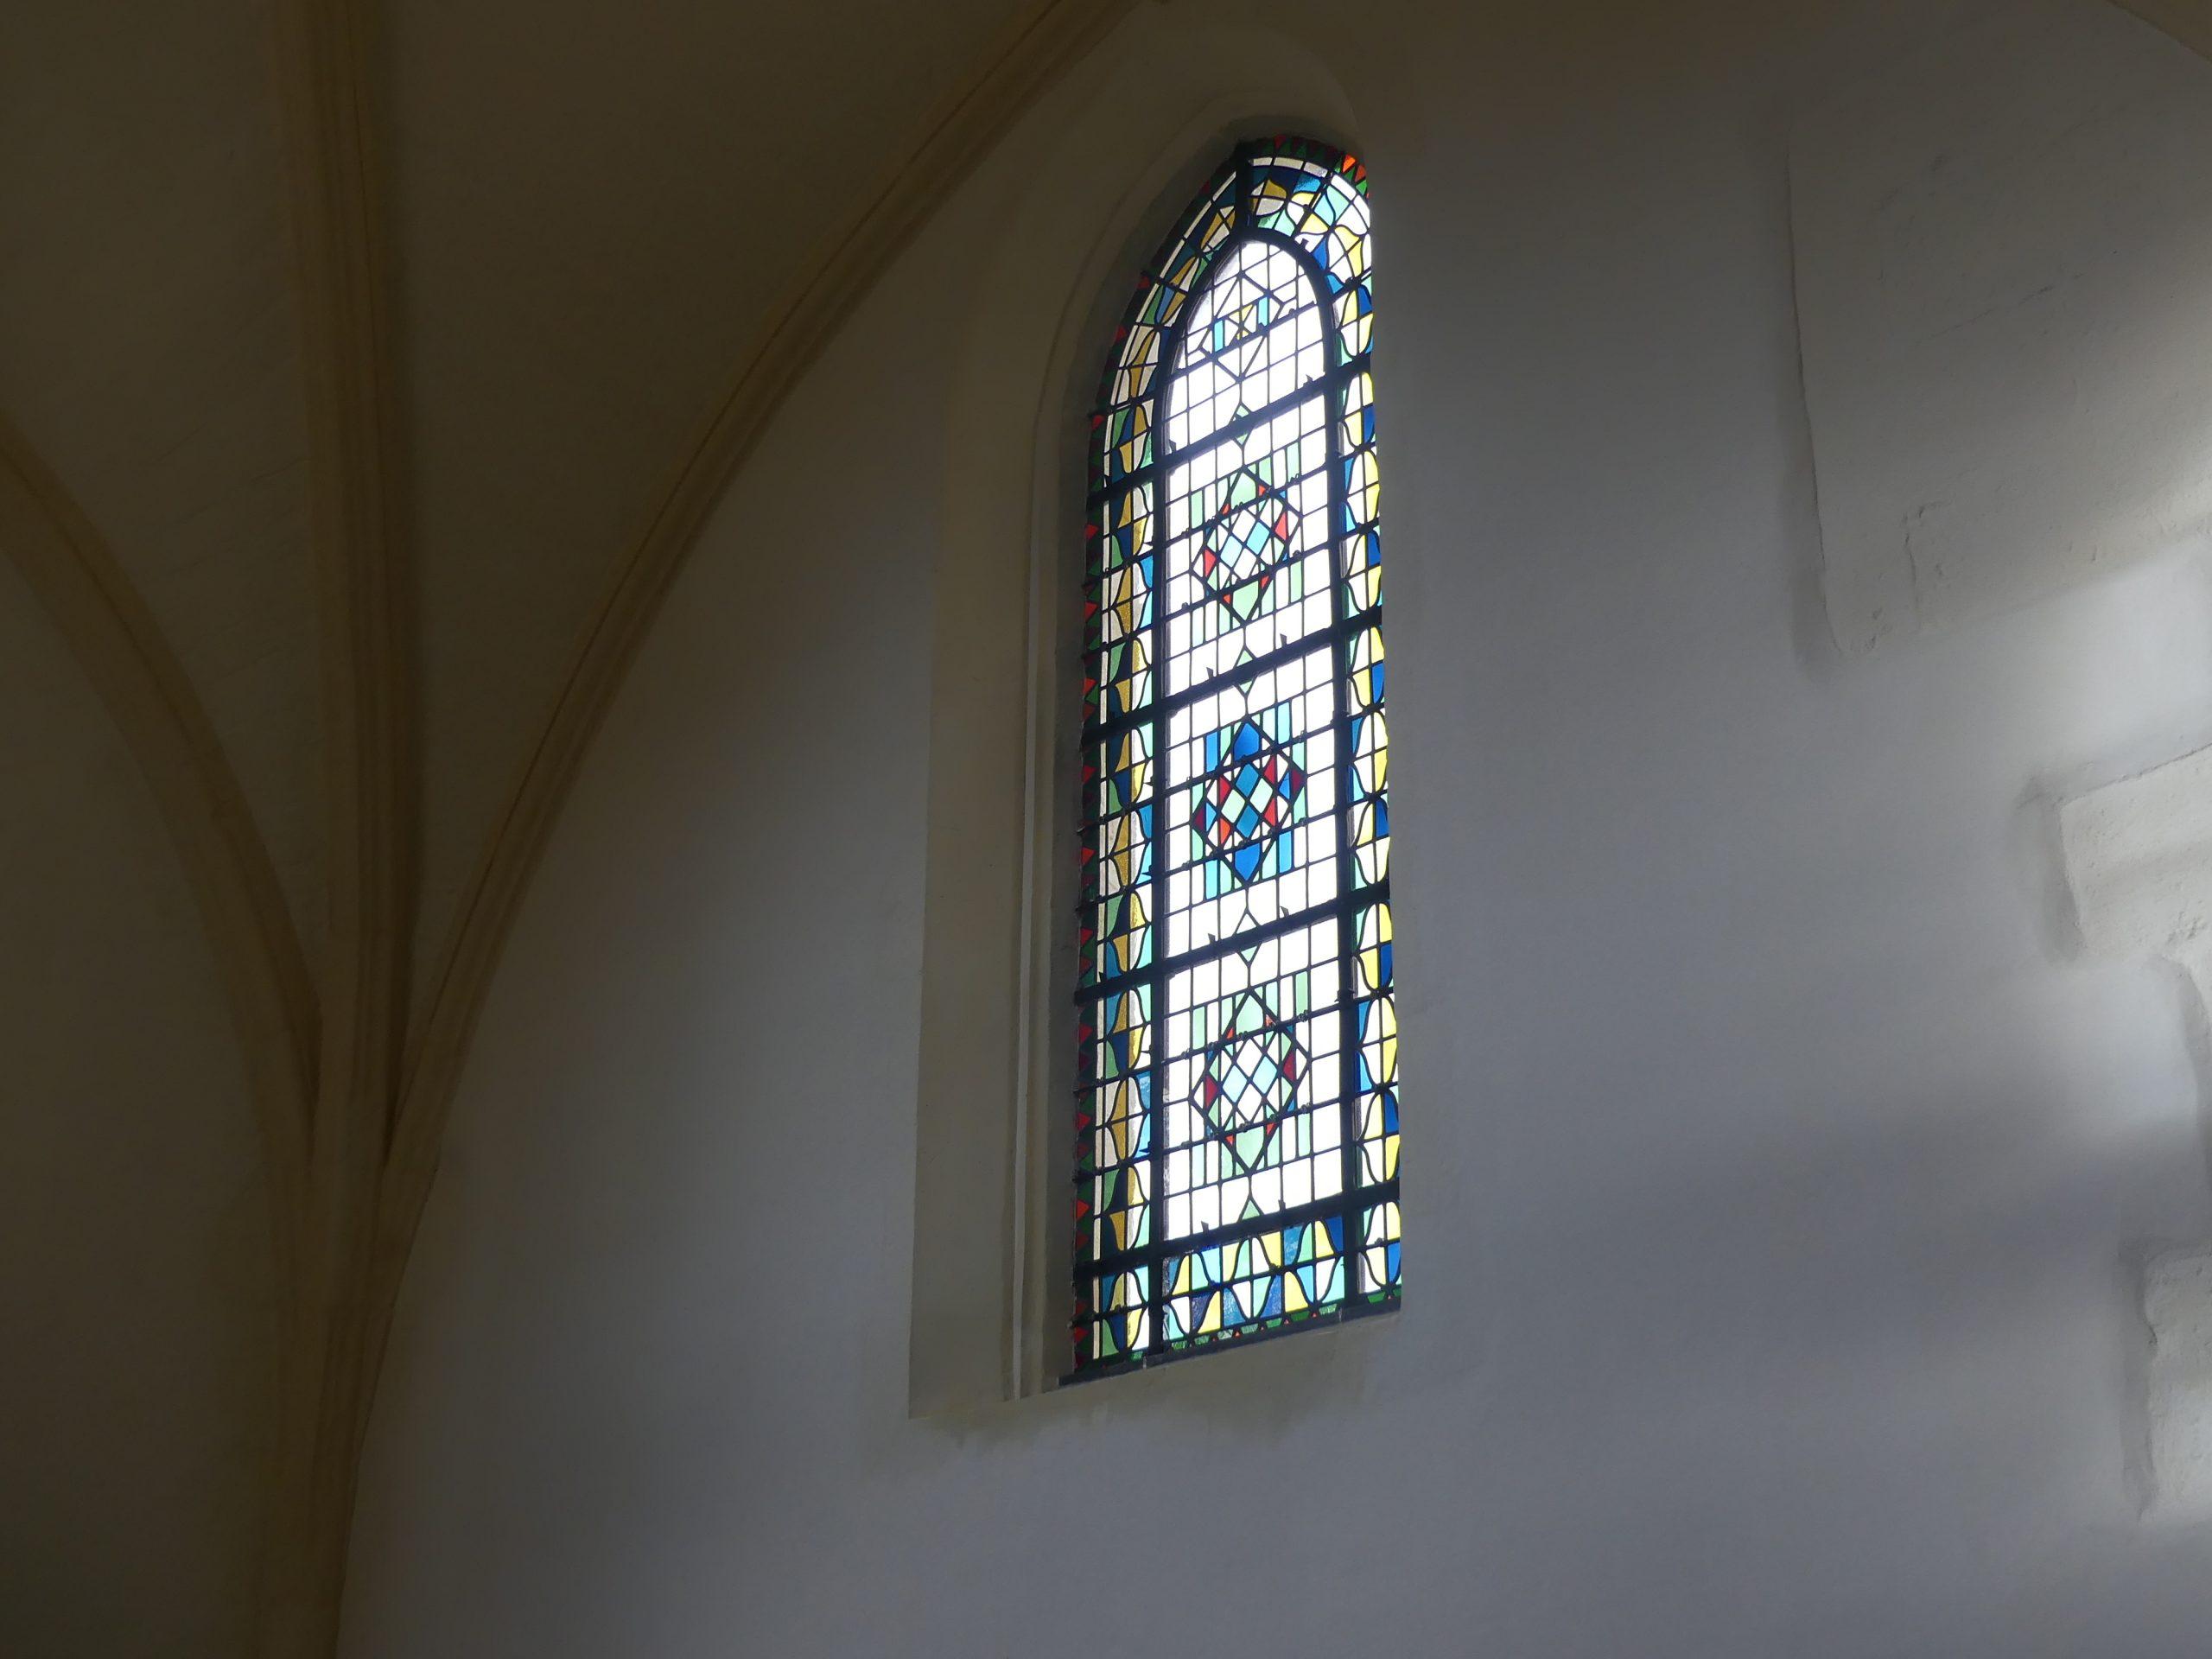 Ars - Eglise - Vitraux - 16 décembre 2019